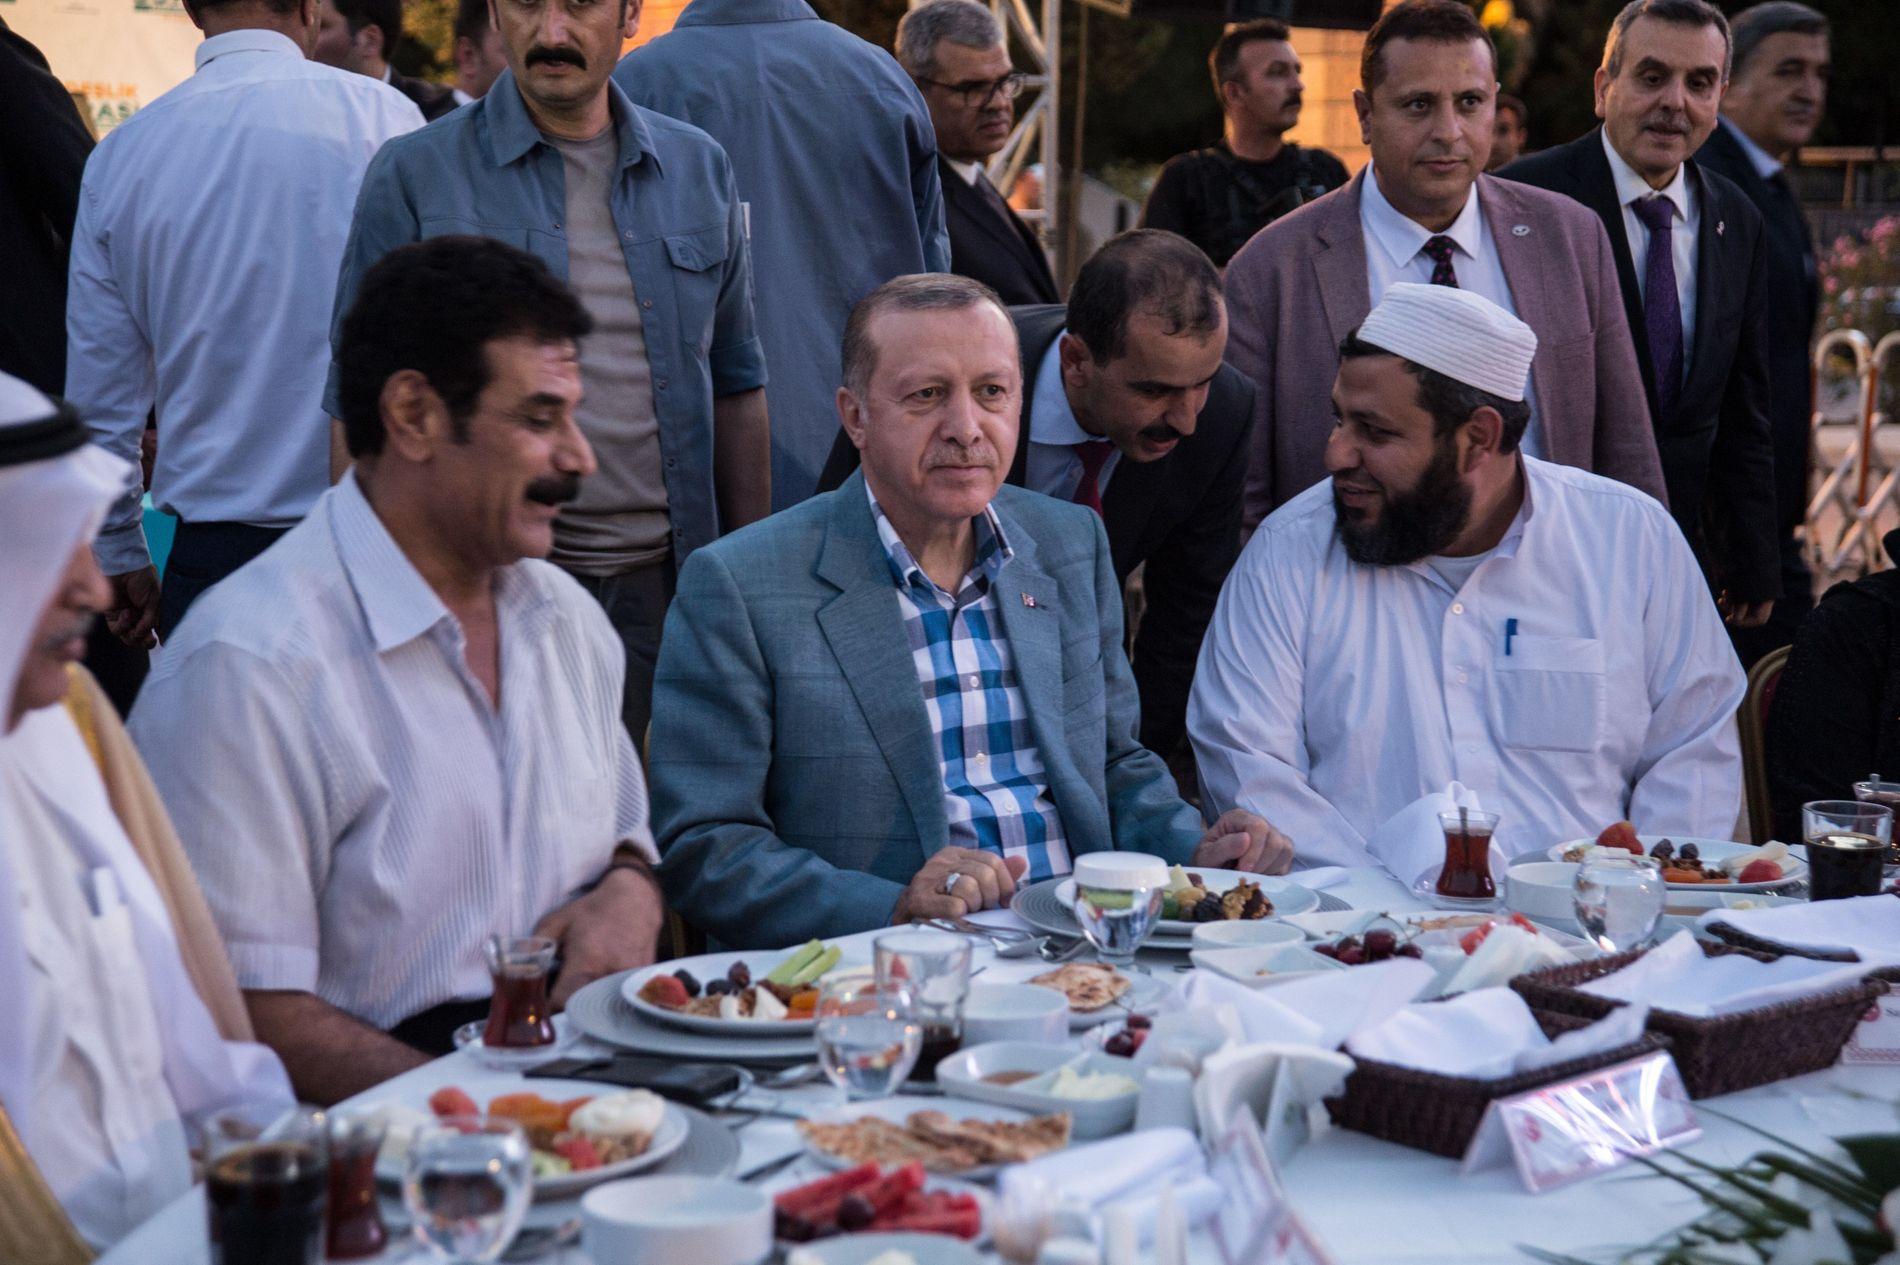 MÅLTID ETTER FASTEN: Erdogan sammen med lokale og religiøse ledere i Harran, nær Sanliurfa i Tyrkia, venter på at det skal gis klarsignal til å innta iftar, måltidet da fasten brytes ved solnedgang.